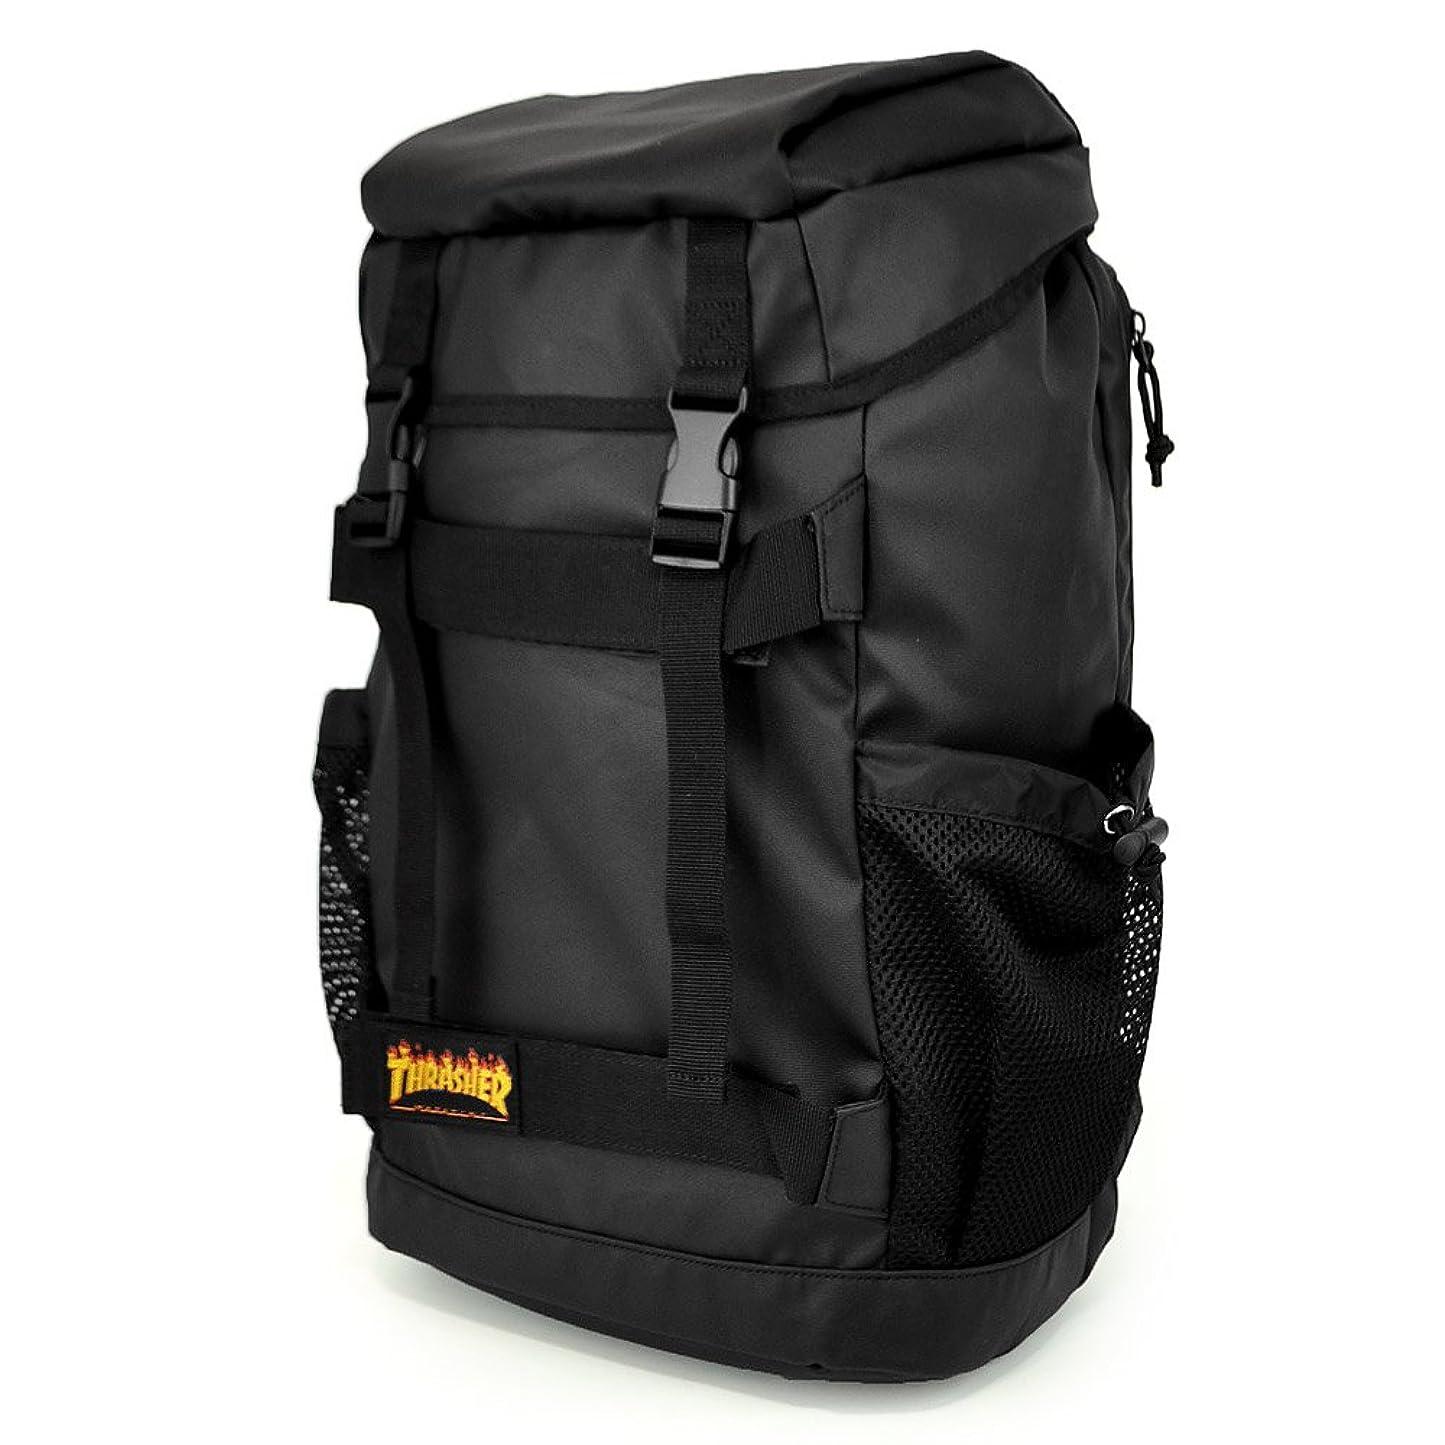 普通の裁量有害スラッシャー(THRASHER)SKATE BACK PACK スケートバックパック デイパック リュックサック 人気 ブランド ボード収納バッグ 鞄 かばん